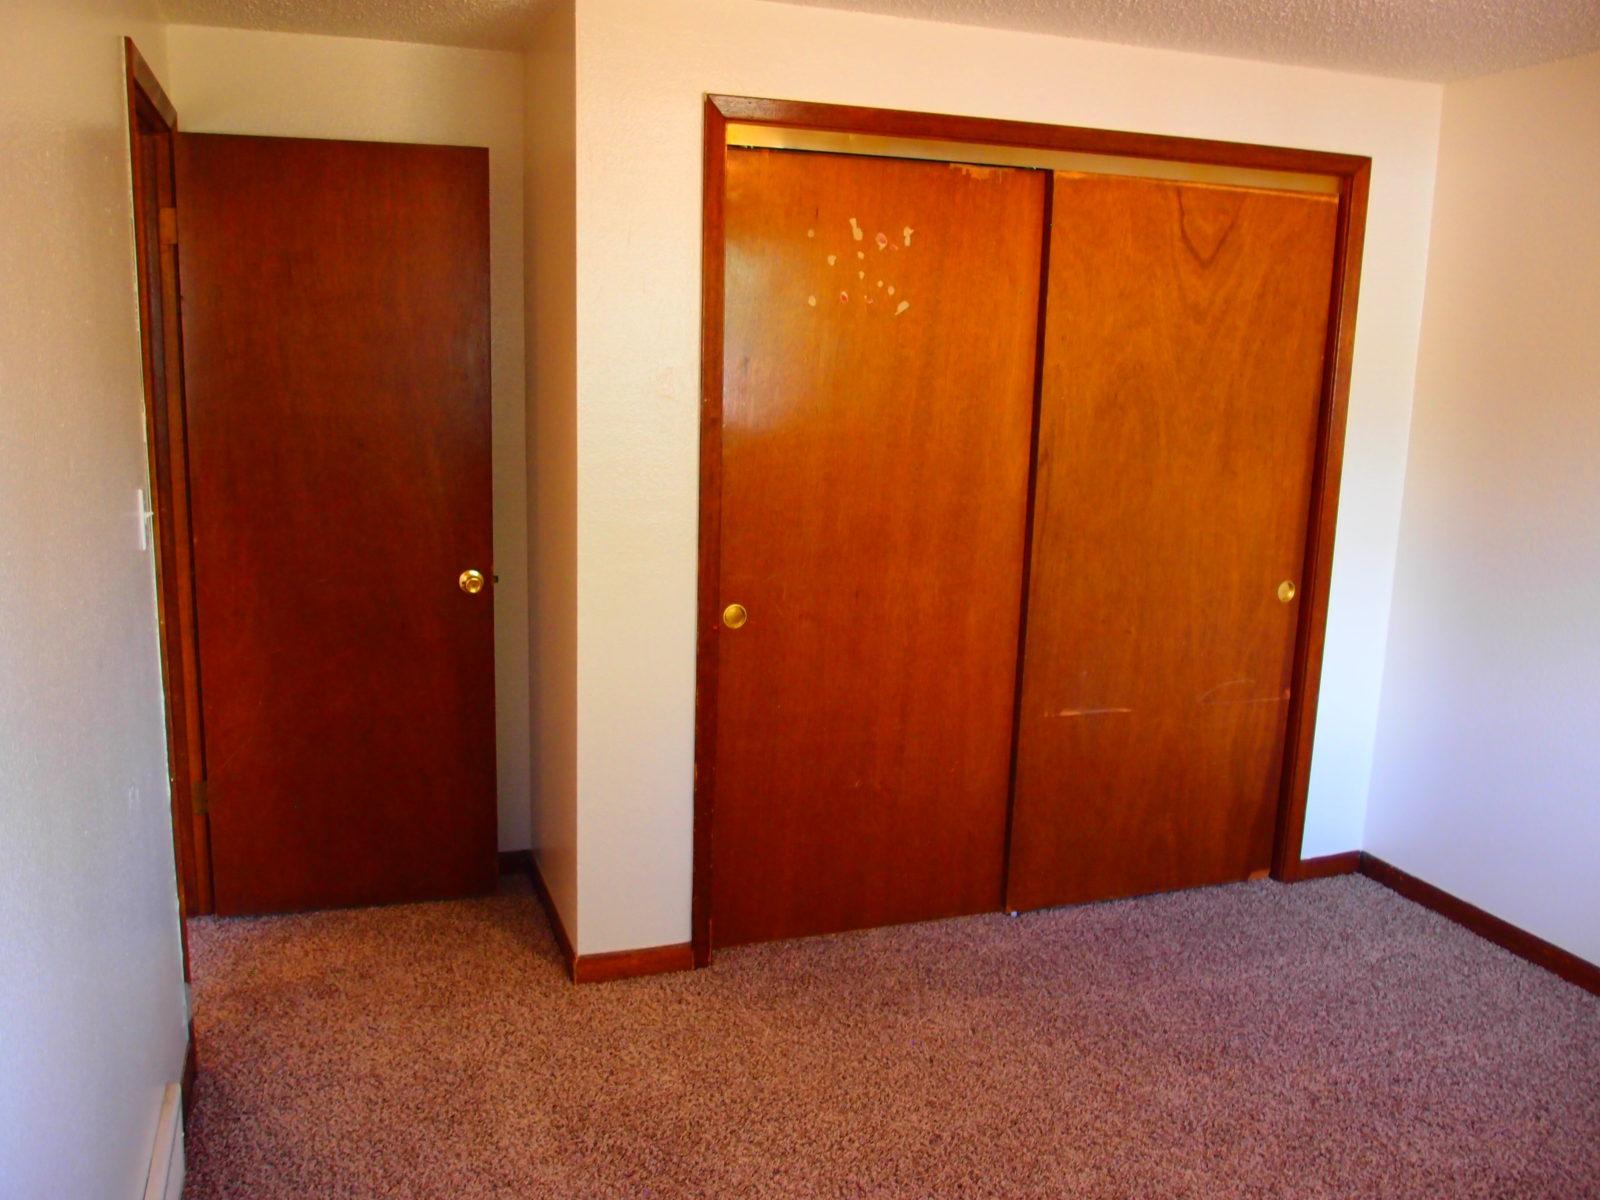 2166 Dexter: Bedroom 2 Closet